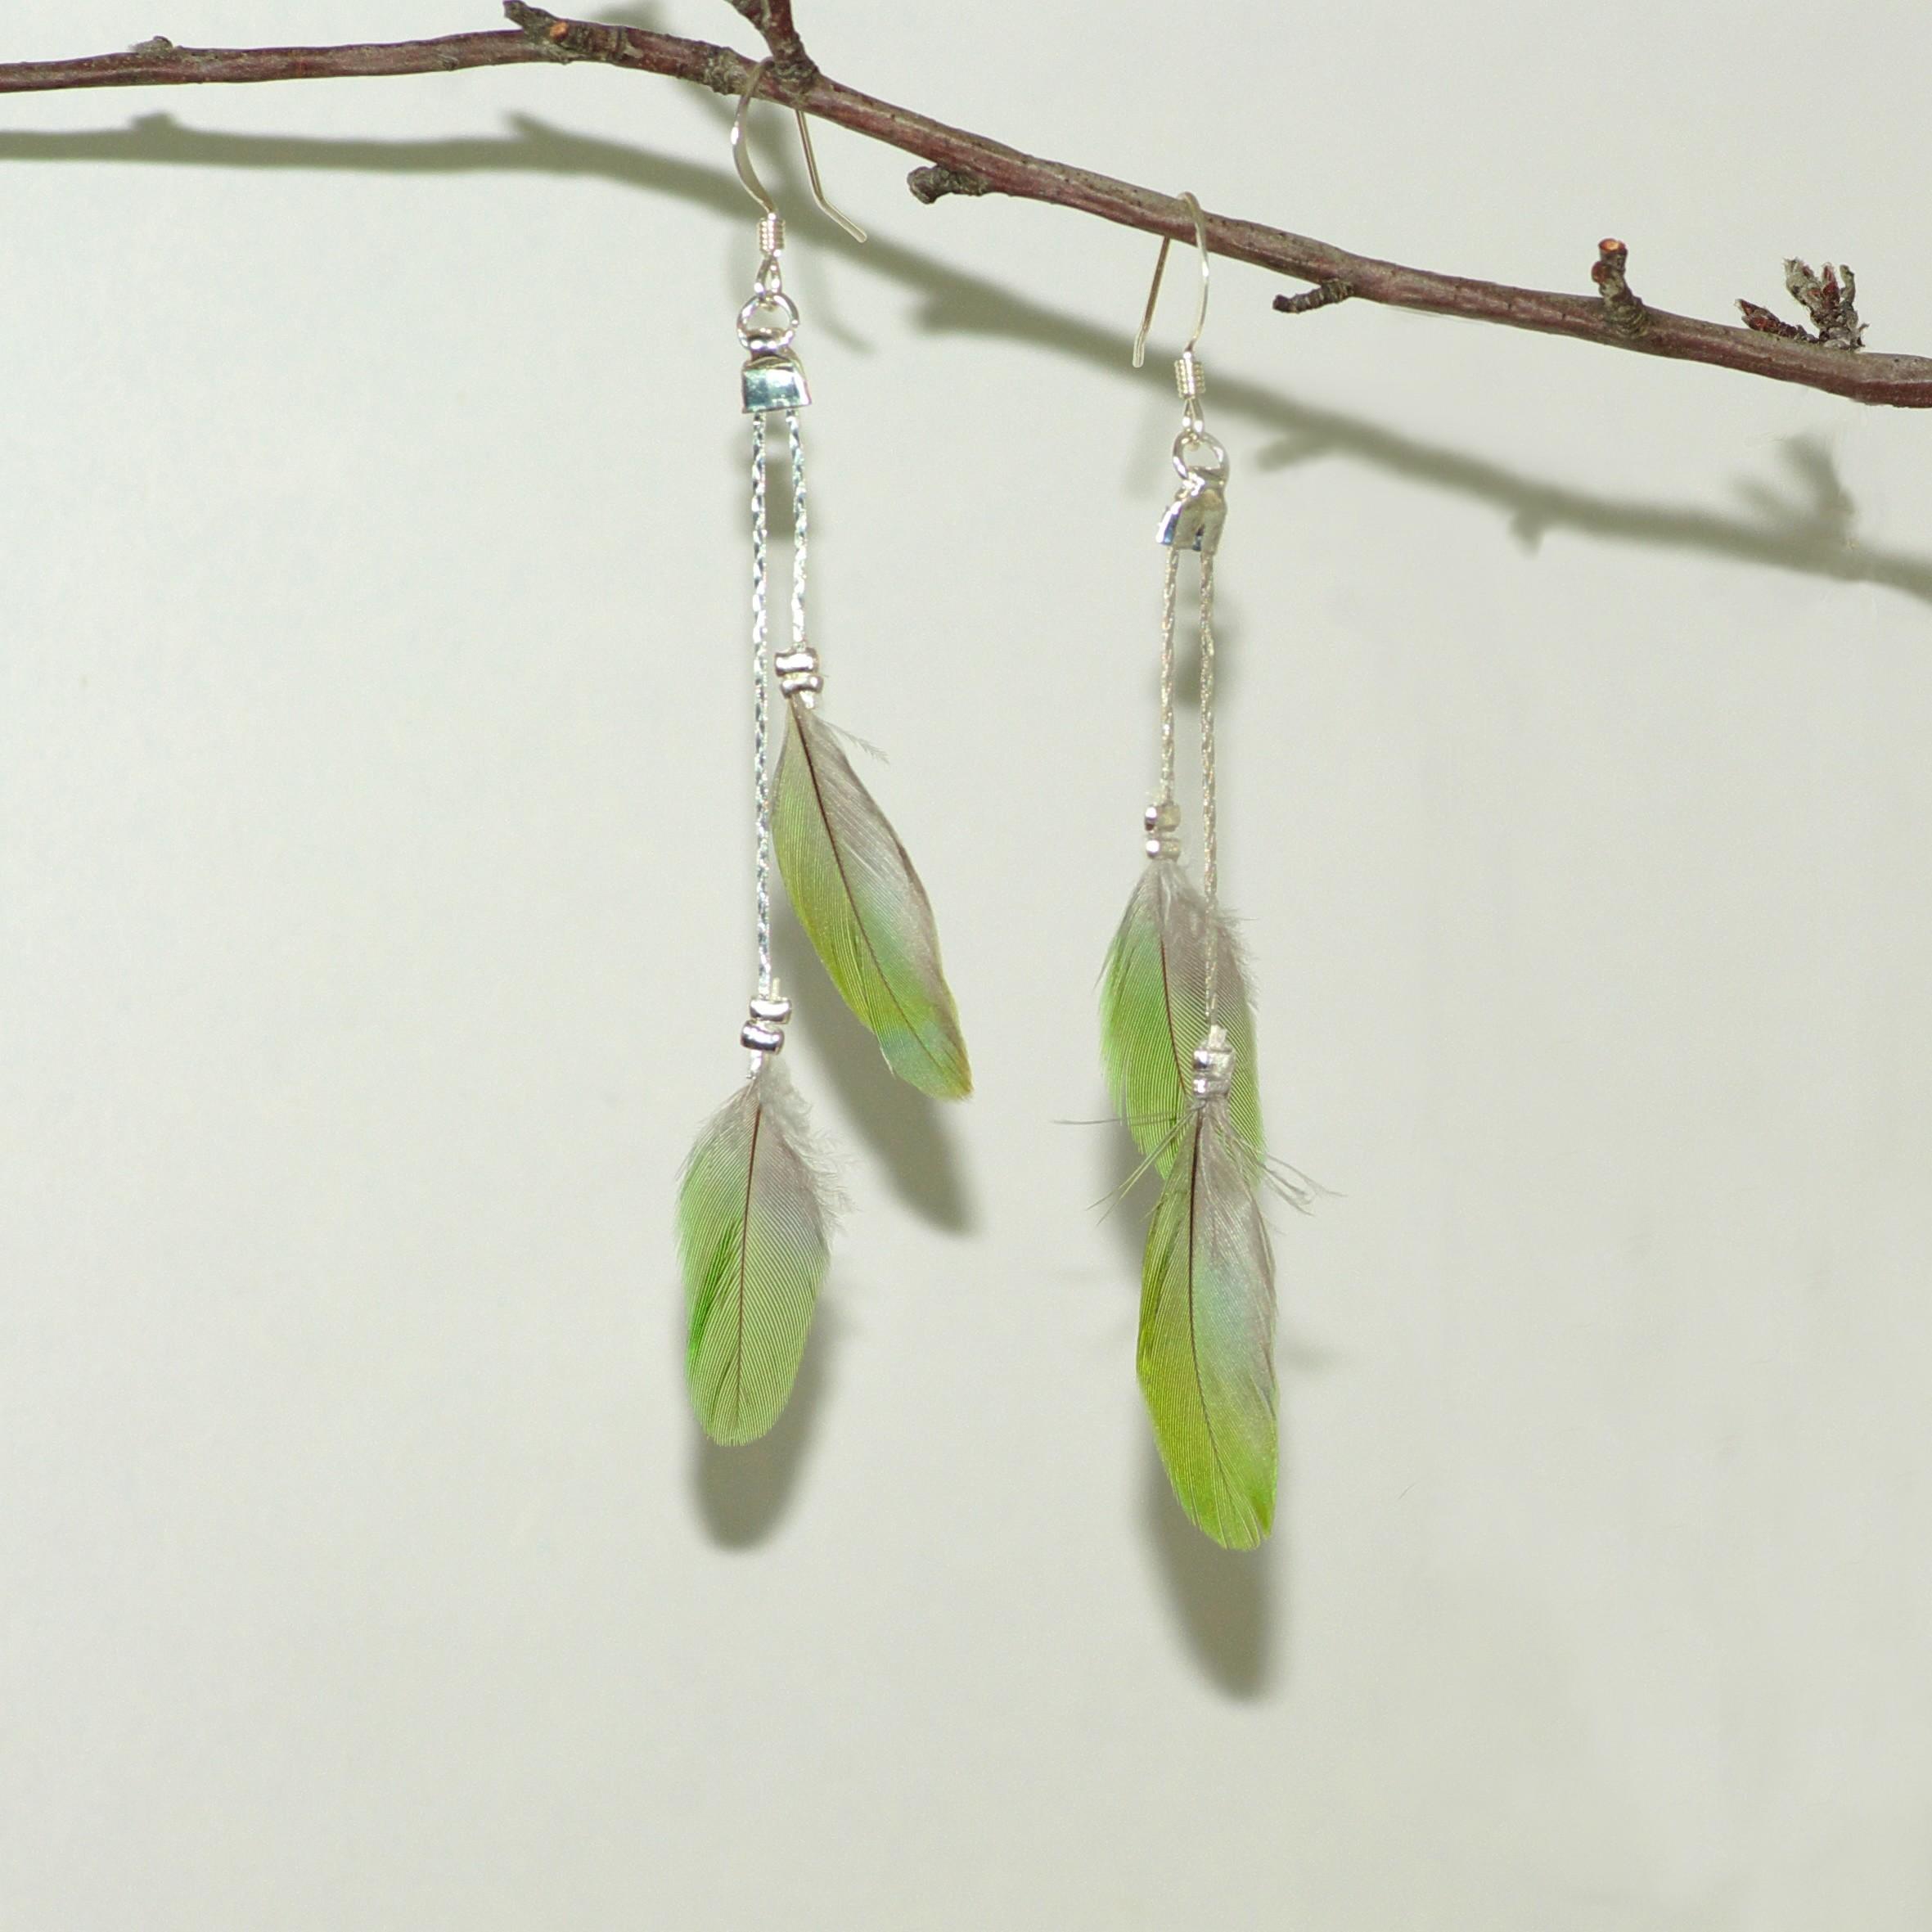 Boucles d'oreilles plumes vertes et fines chaînes